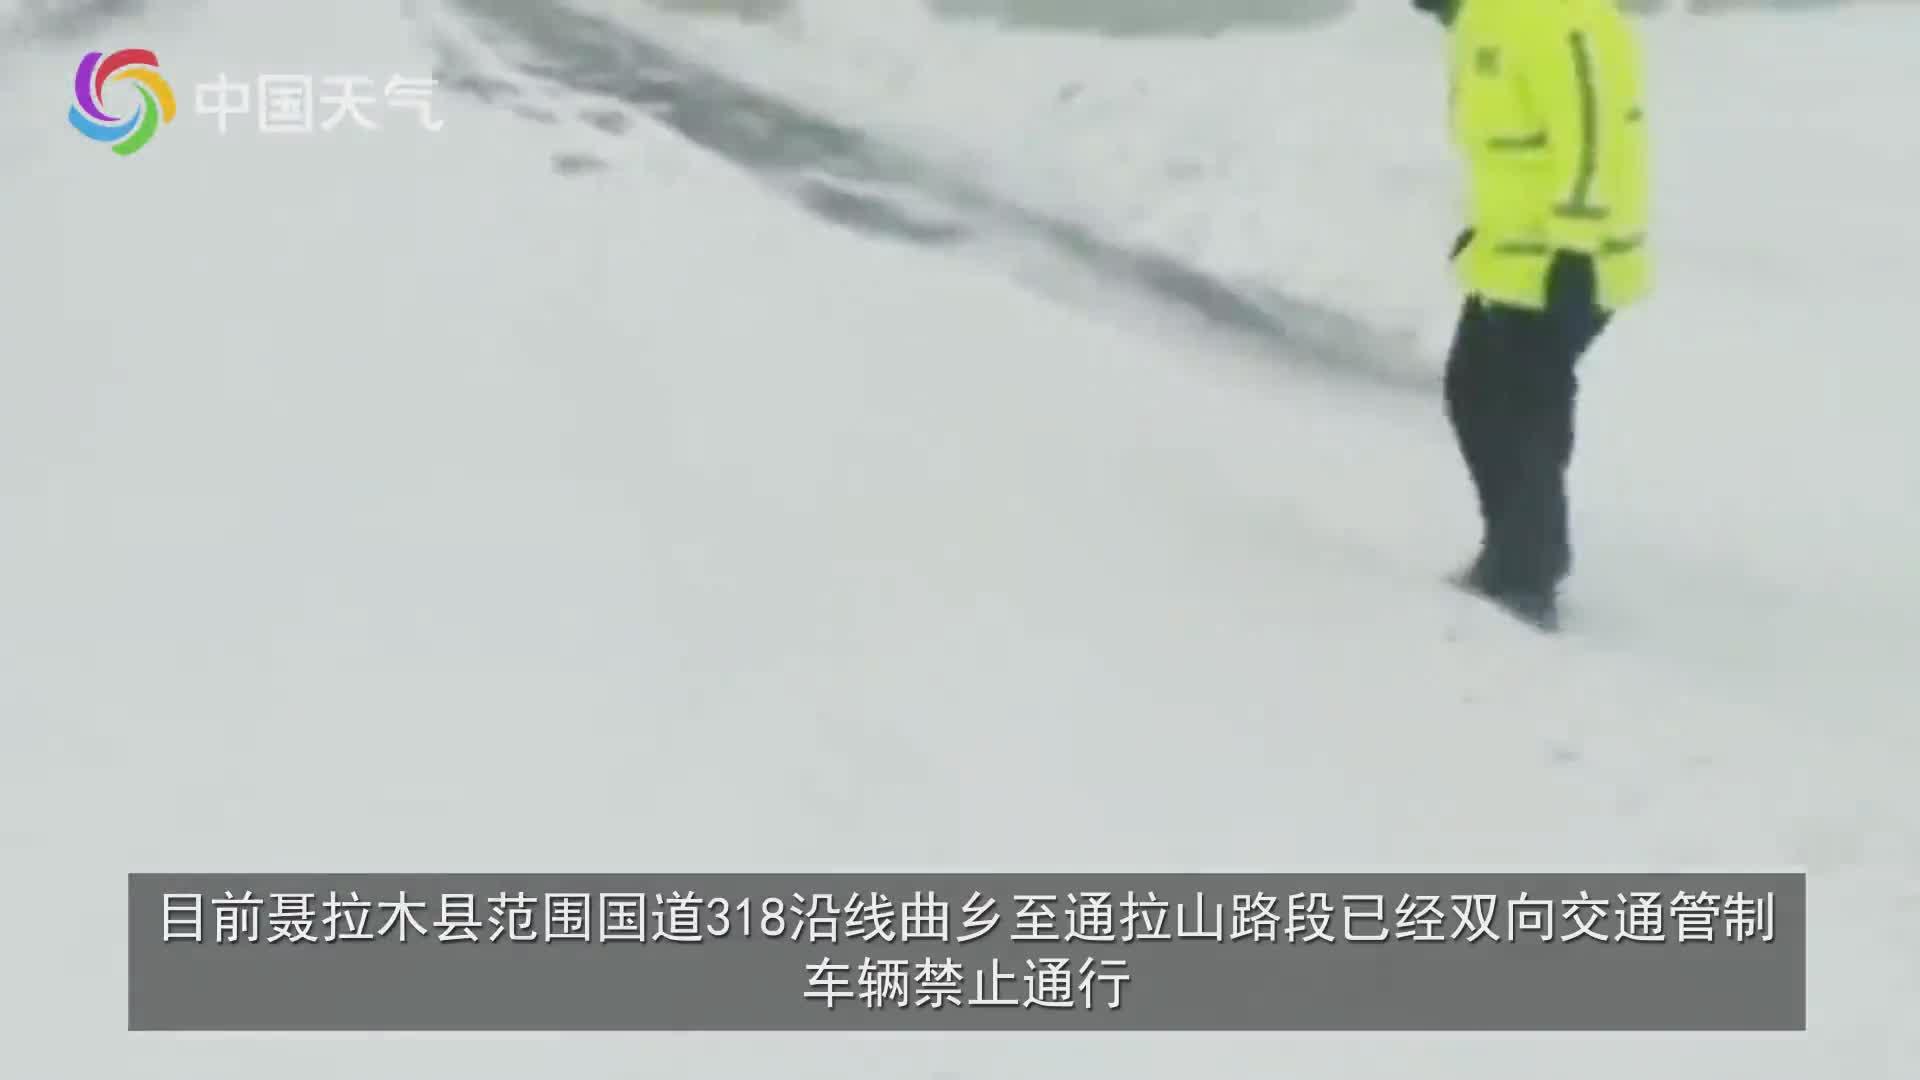 大雪封路 西藏聂拉木县遭受暴雪影响